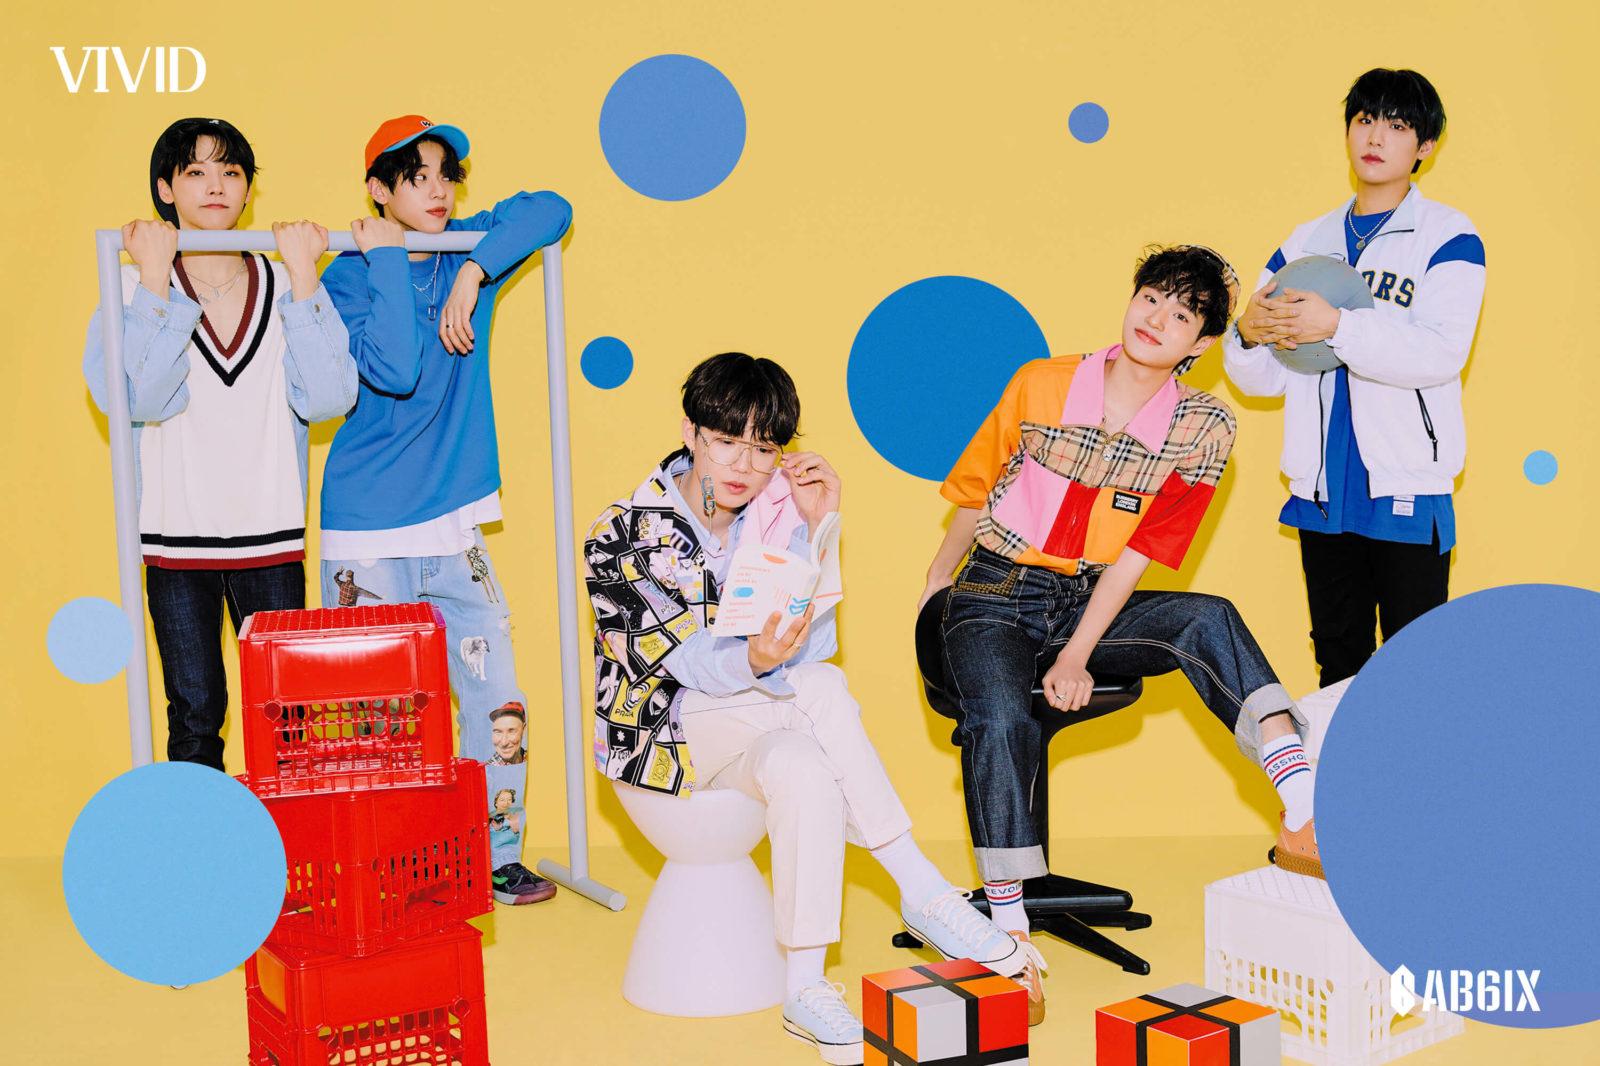 5人組K-POPグループAB6IX、ニューアルバム「VIVID」ファンクラブ会員限定・特別セットにて販売決定サムネイル画像